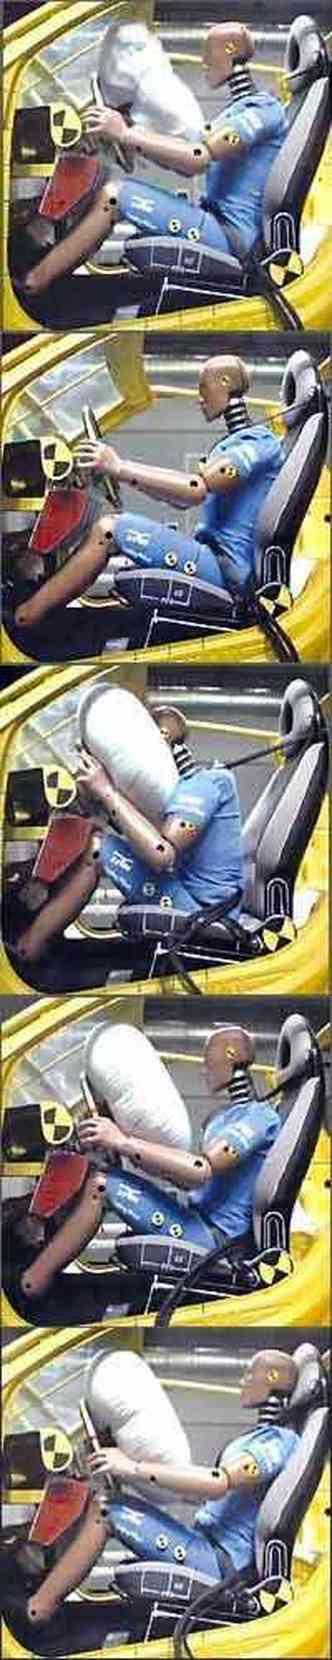 Depois de uma colisão, dispositivo é inflado em 150 milissegundos (um piscar de olhos dura 100); e, para evitar sufocamento, a bolsa perde pressão em seguida(foto: TRW/Divulgação )